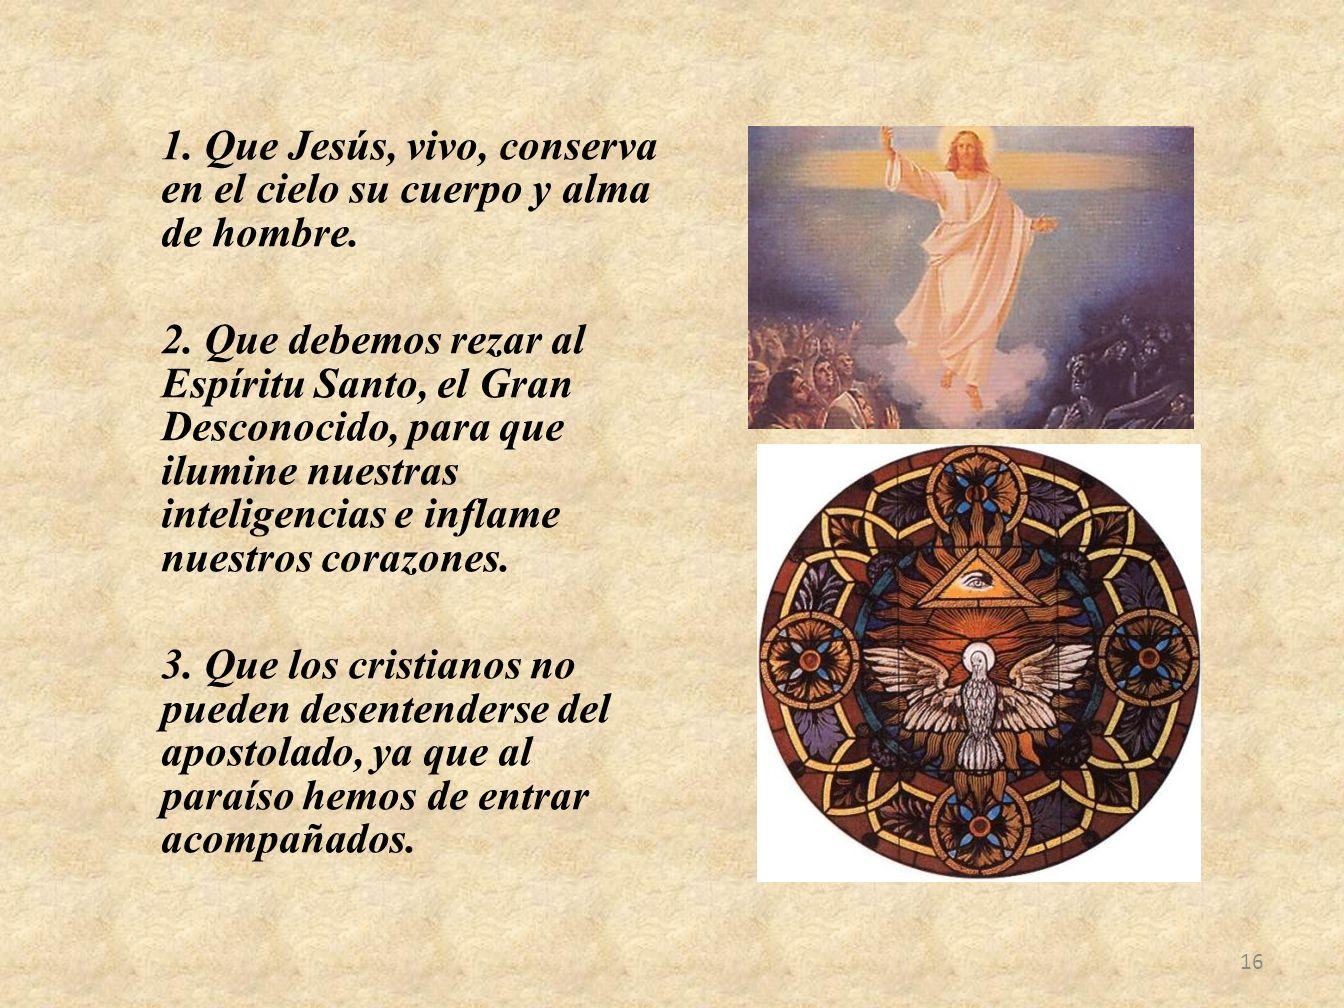 1. Que Jesús, vivo, conserva en el cielo su cuerpo y alma de hombre. 2